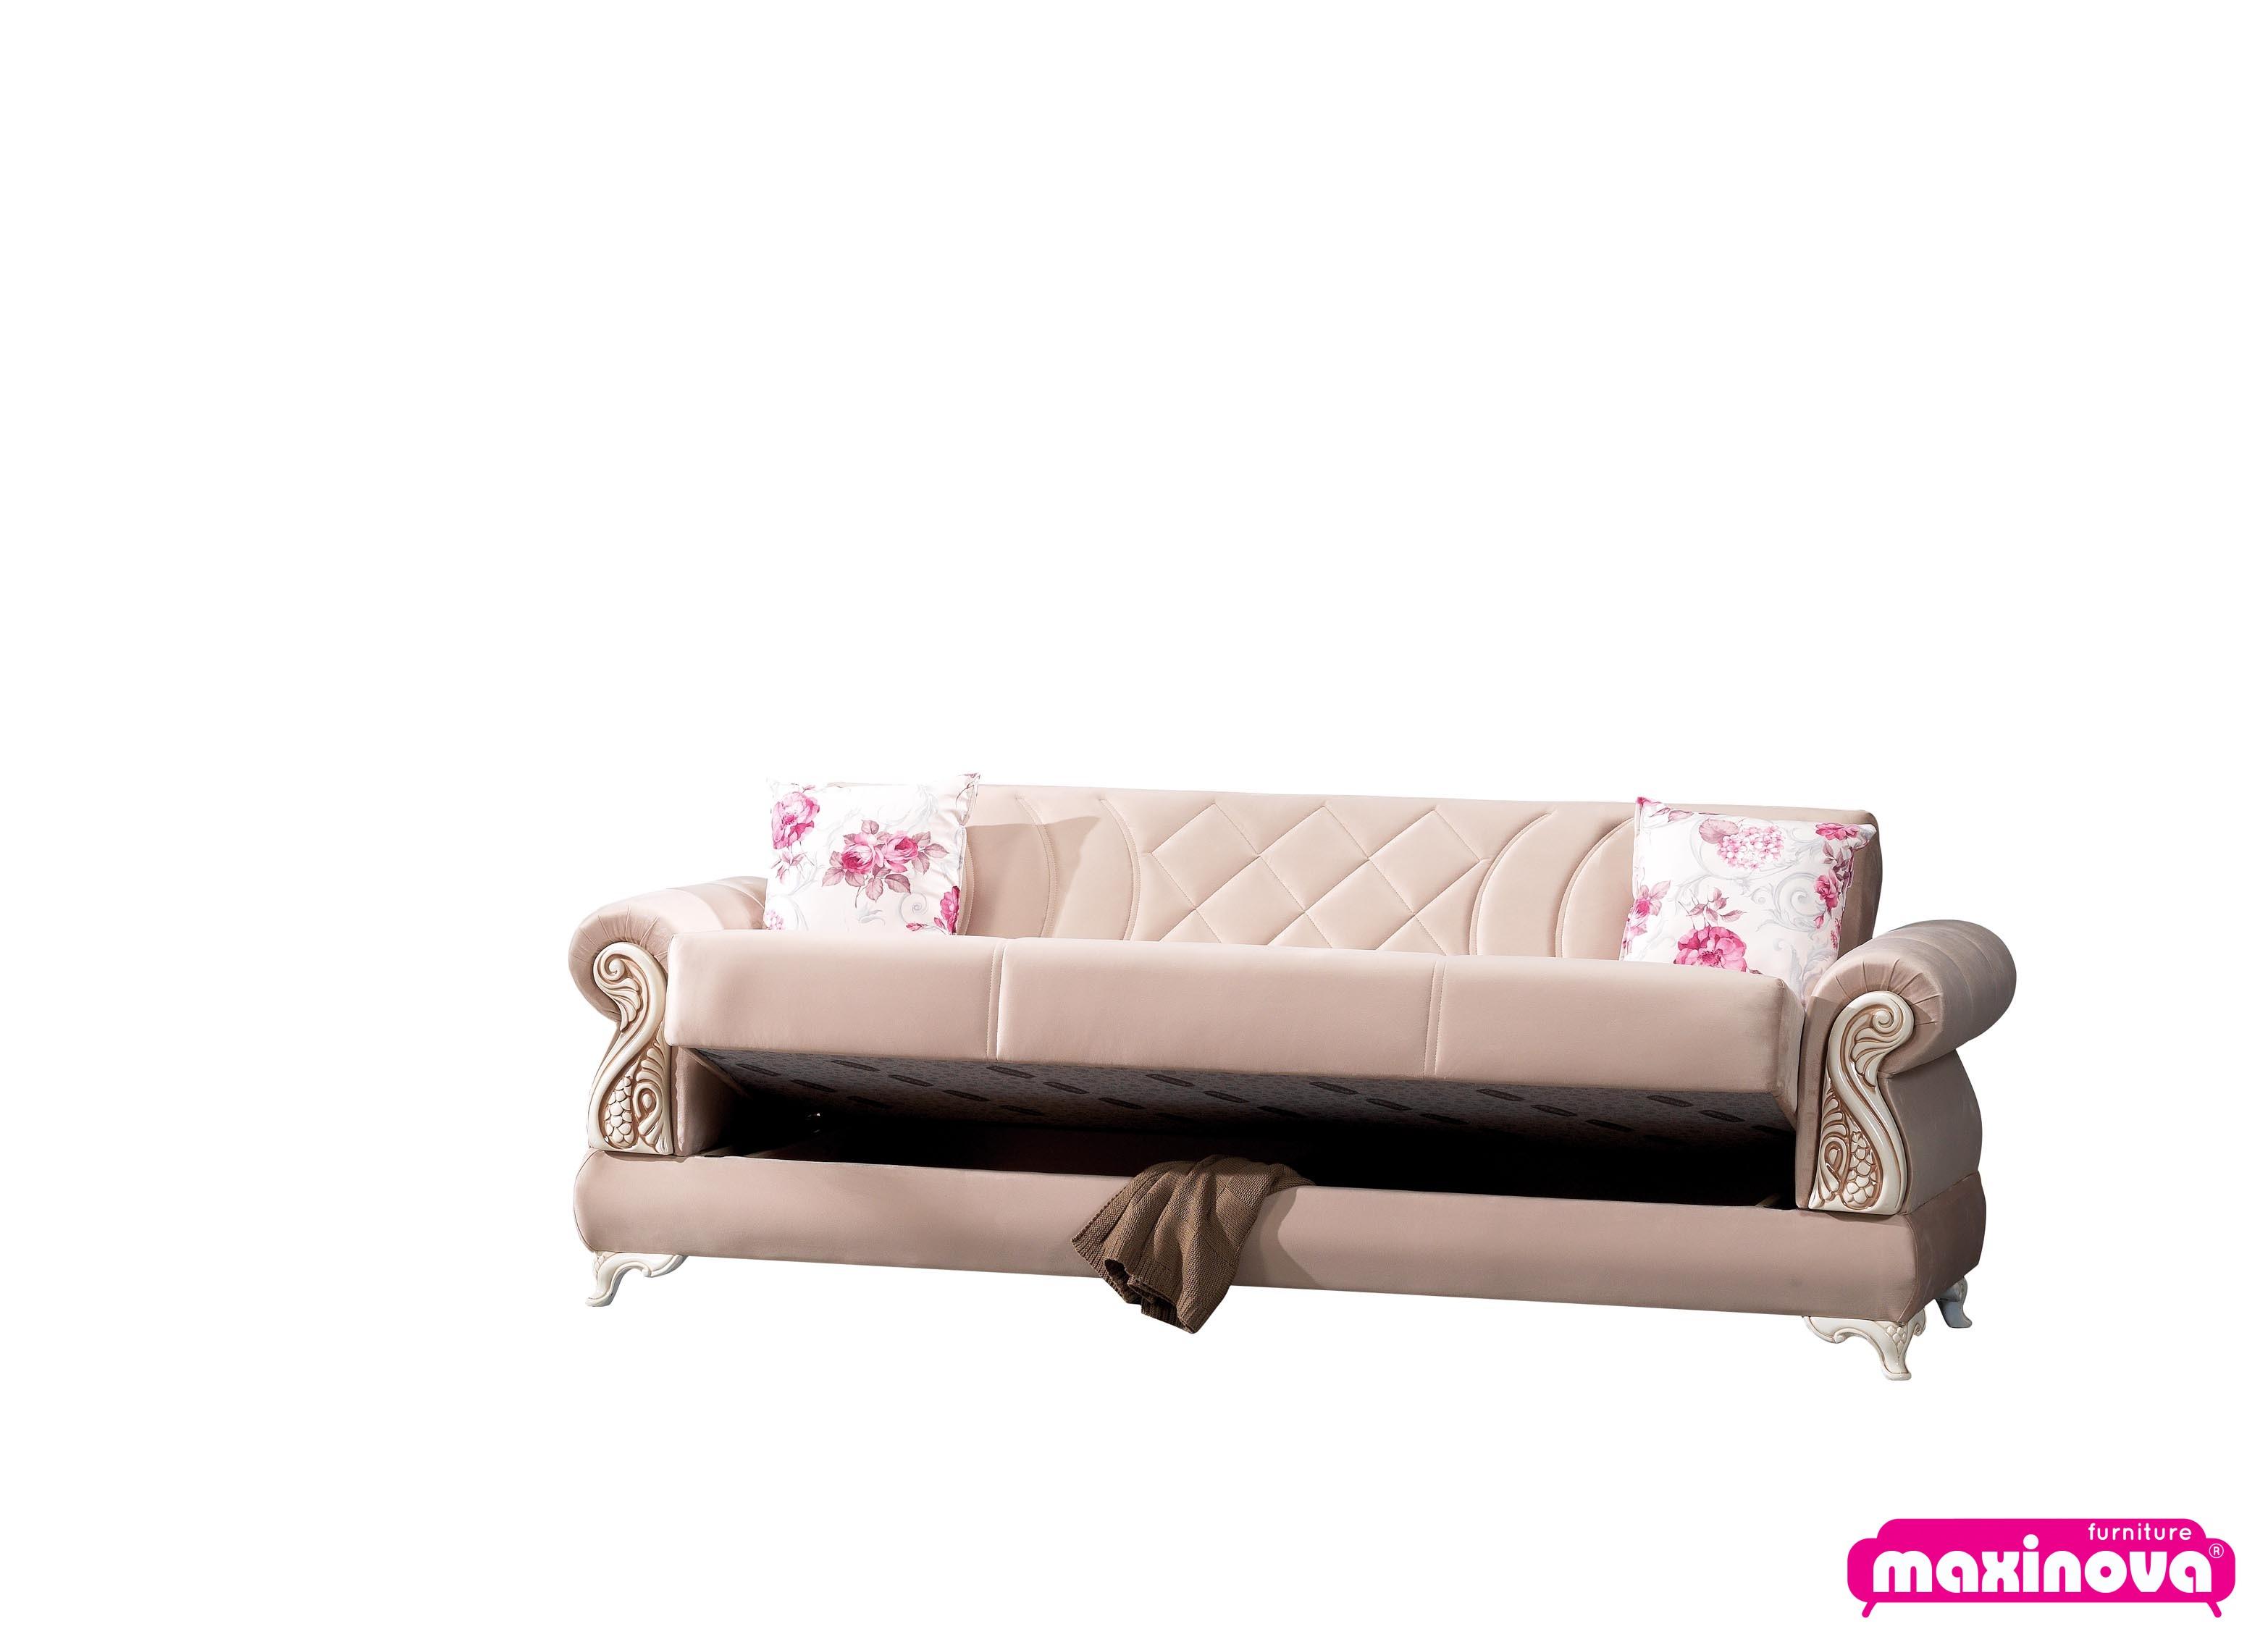 Canapea extensibila cu 2 locuri, Hisar, retro